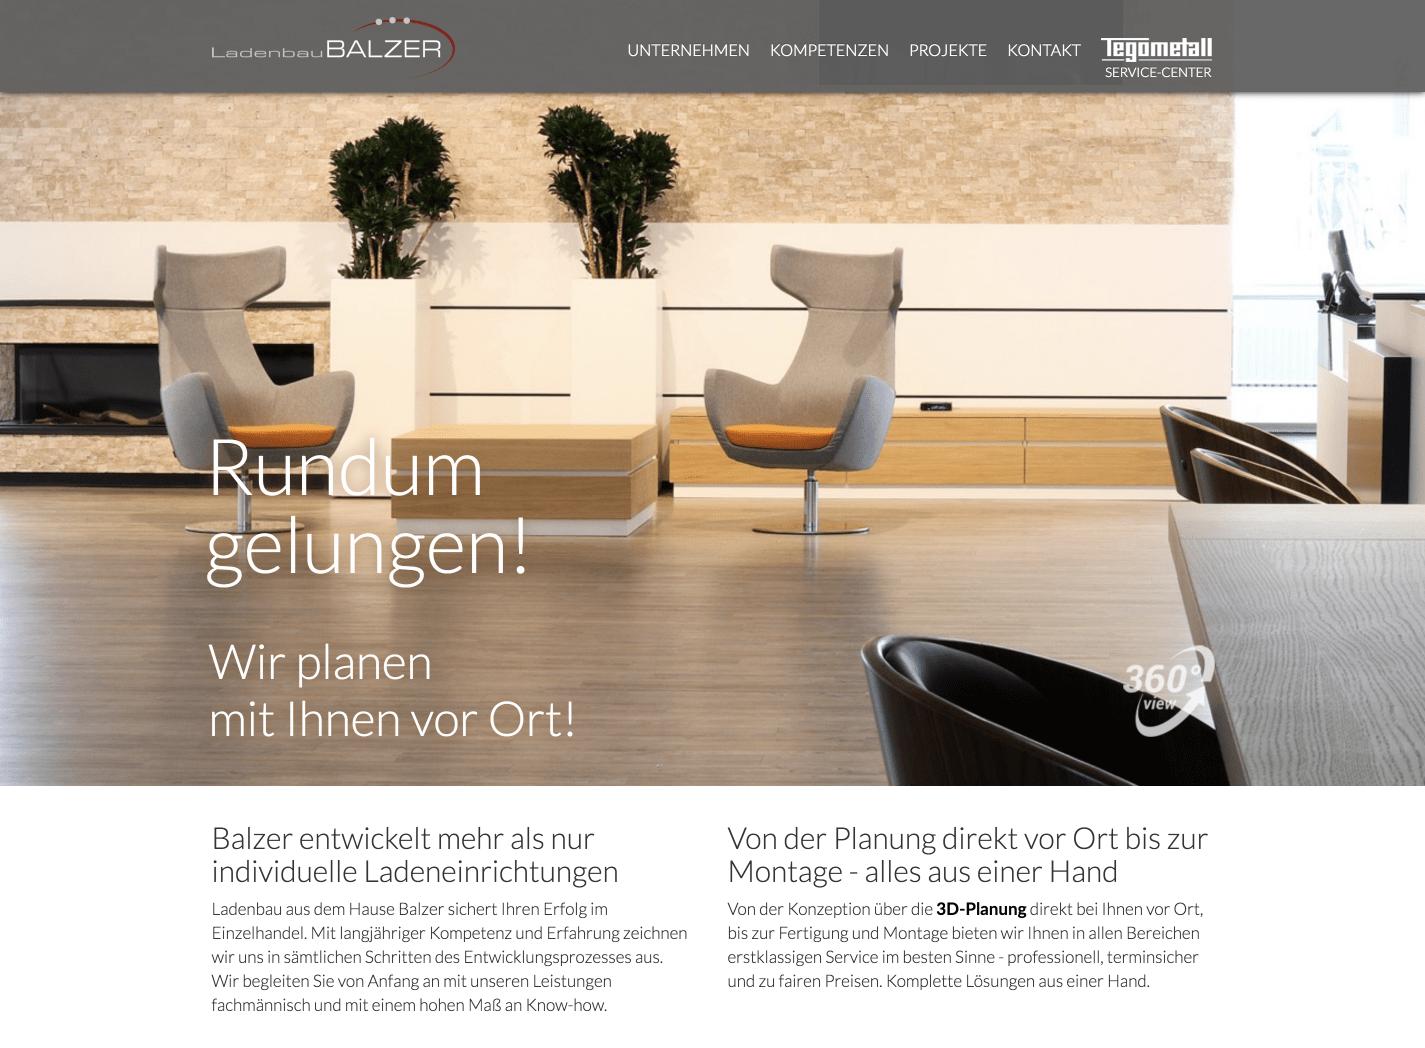 Corporate Website Relaunch für Ladenbau Balzer GmbH 15